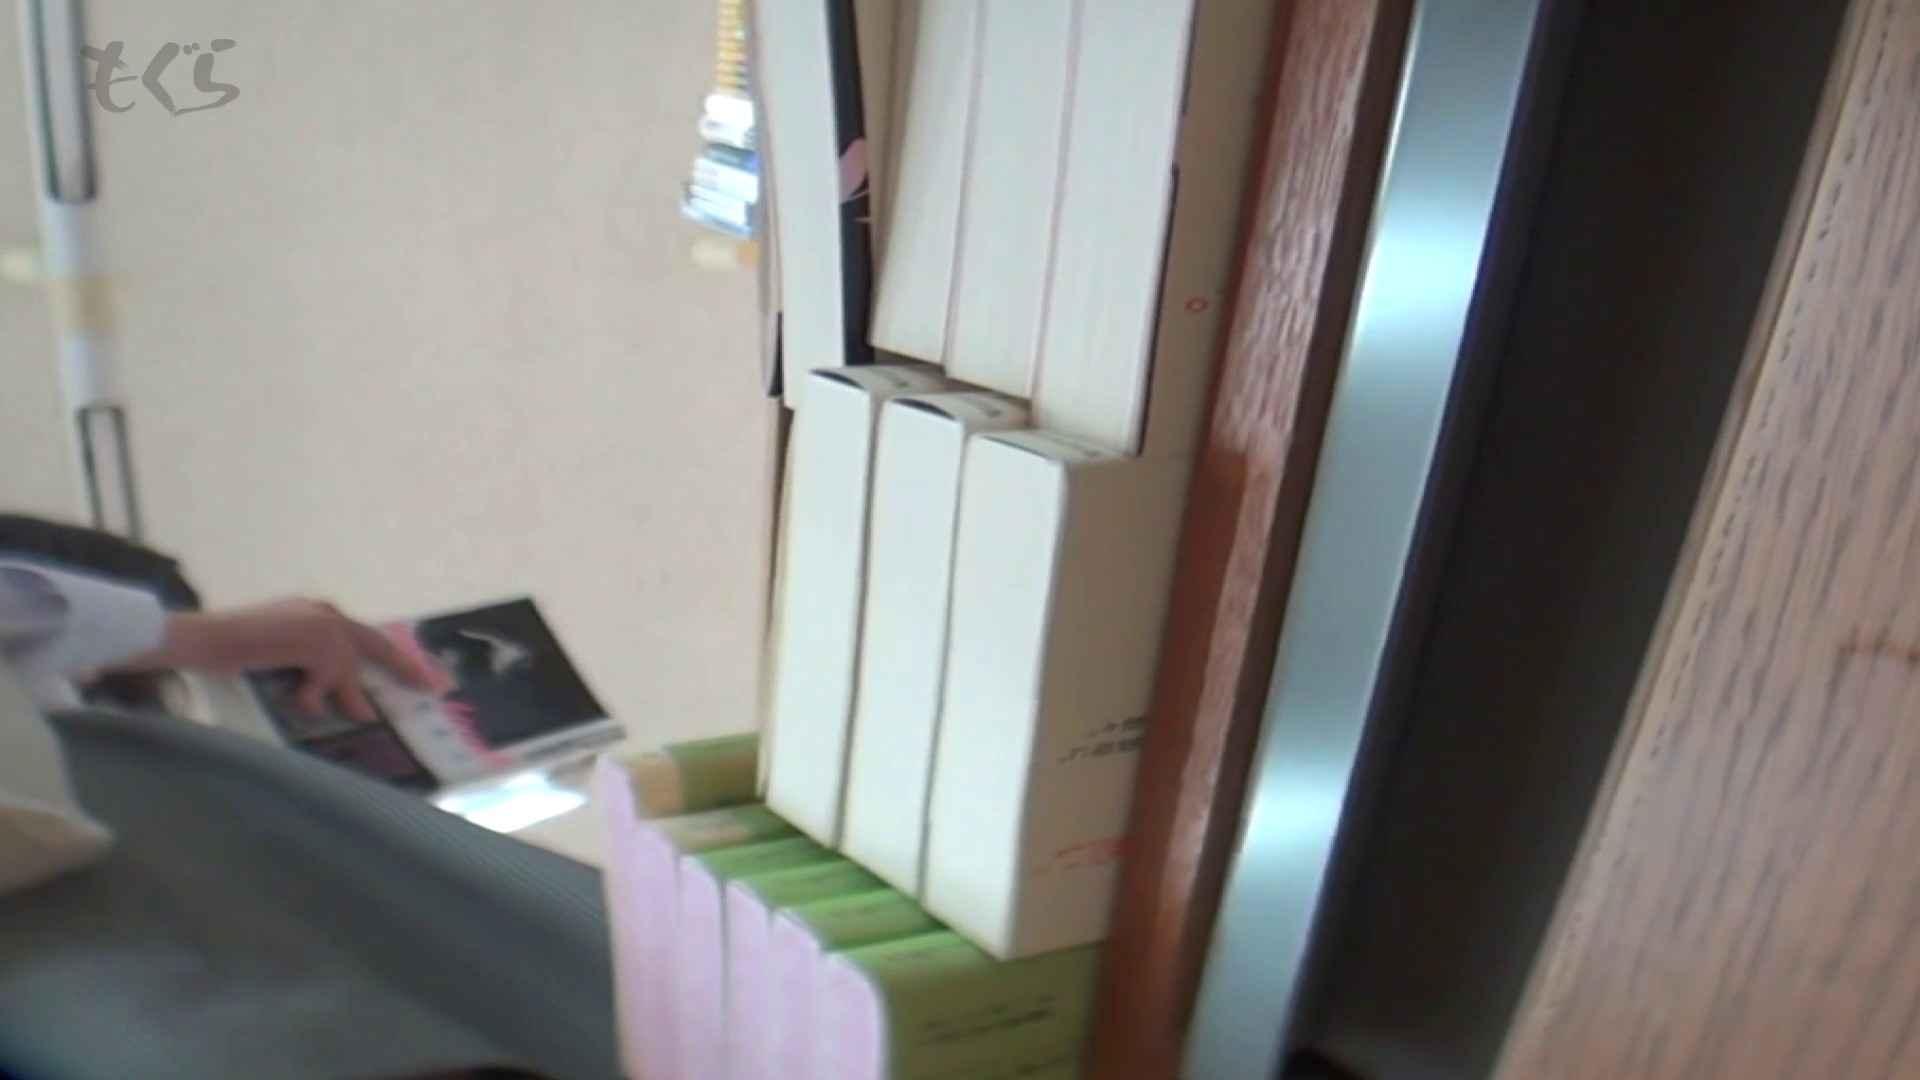 隣から【期間限定品】No.02 文庫女子はやはり白パン!! 期間限定  68連発 54